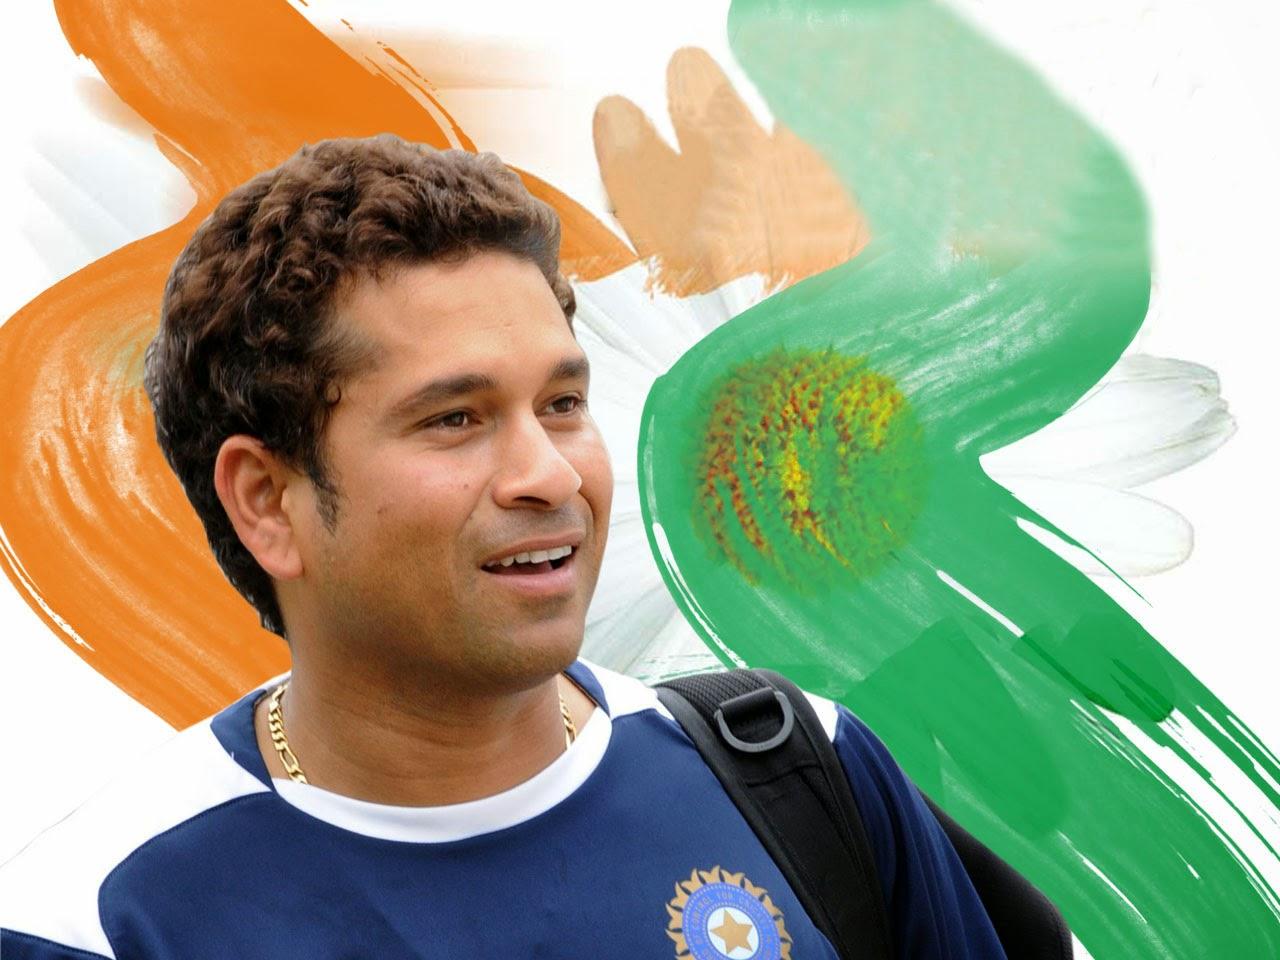 Download Free Sachin Tendulkar Free Large Images